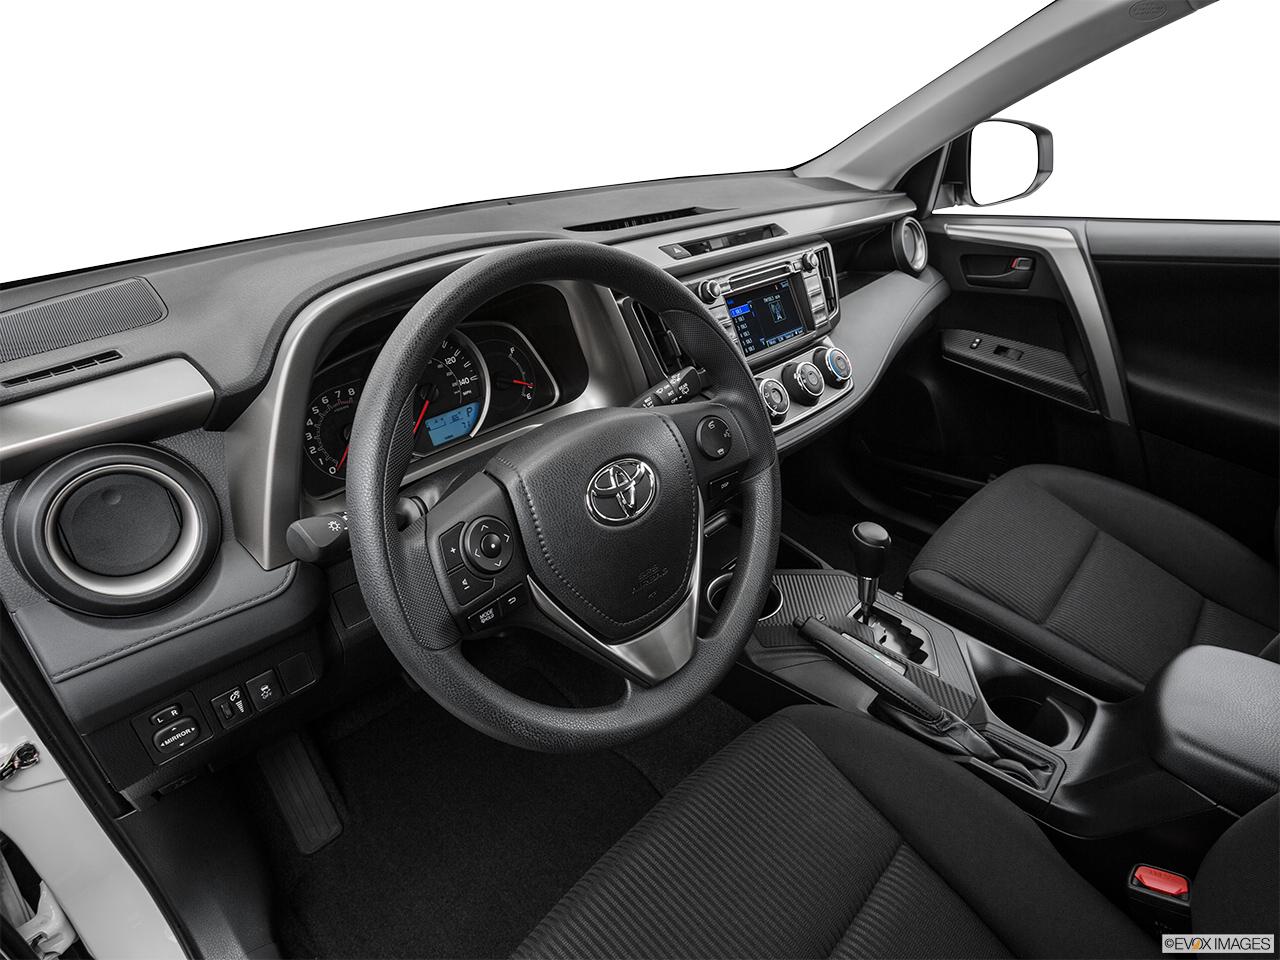 Toyota Rav4 2015 Interior